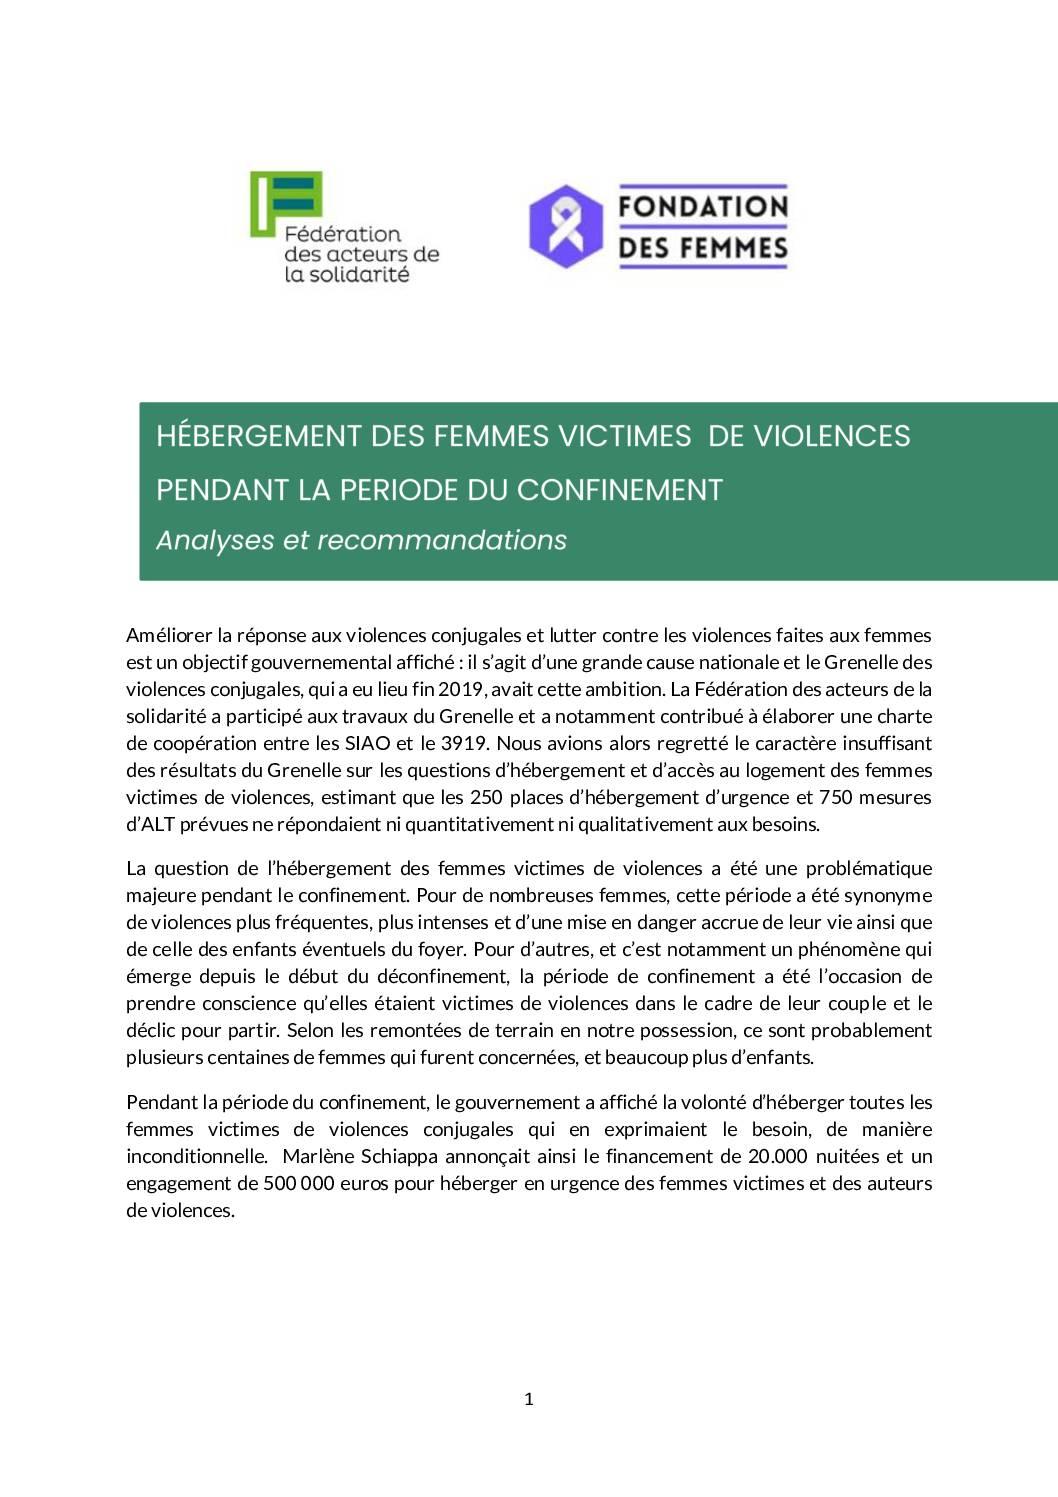 Note Hébergement Femmes victimes de violences pendant le confinement